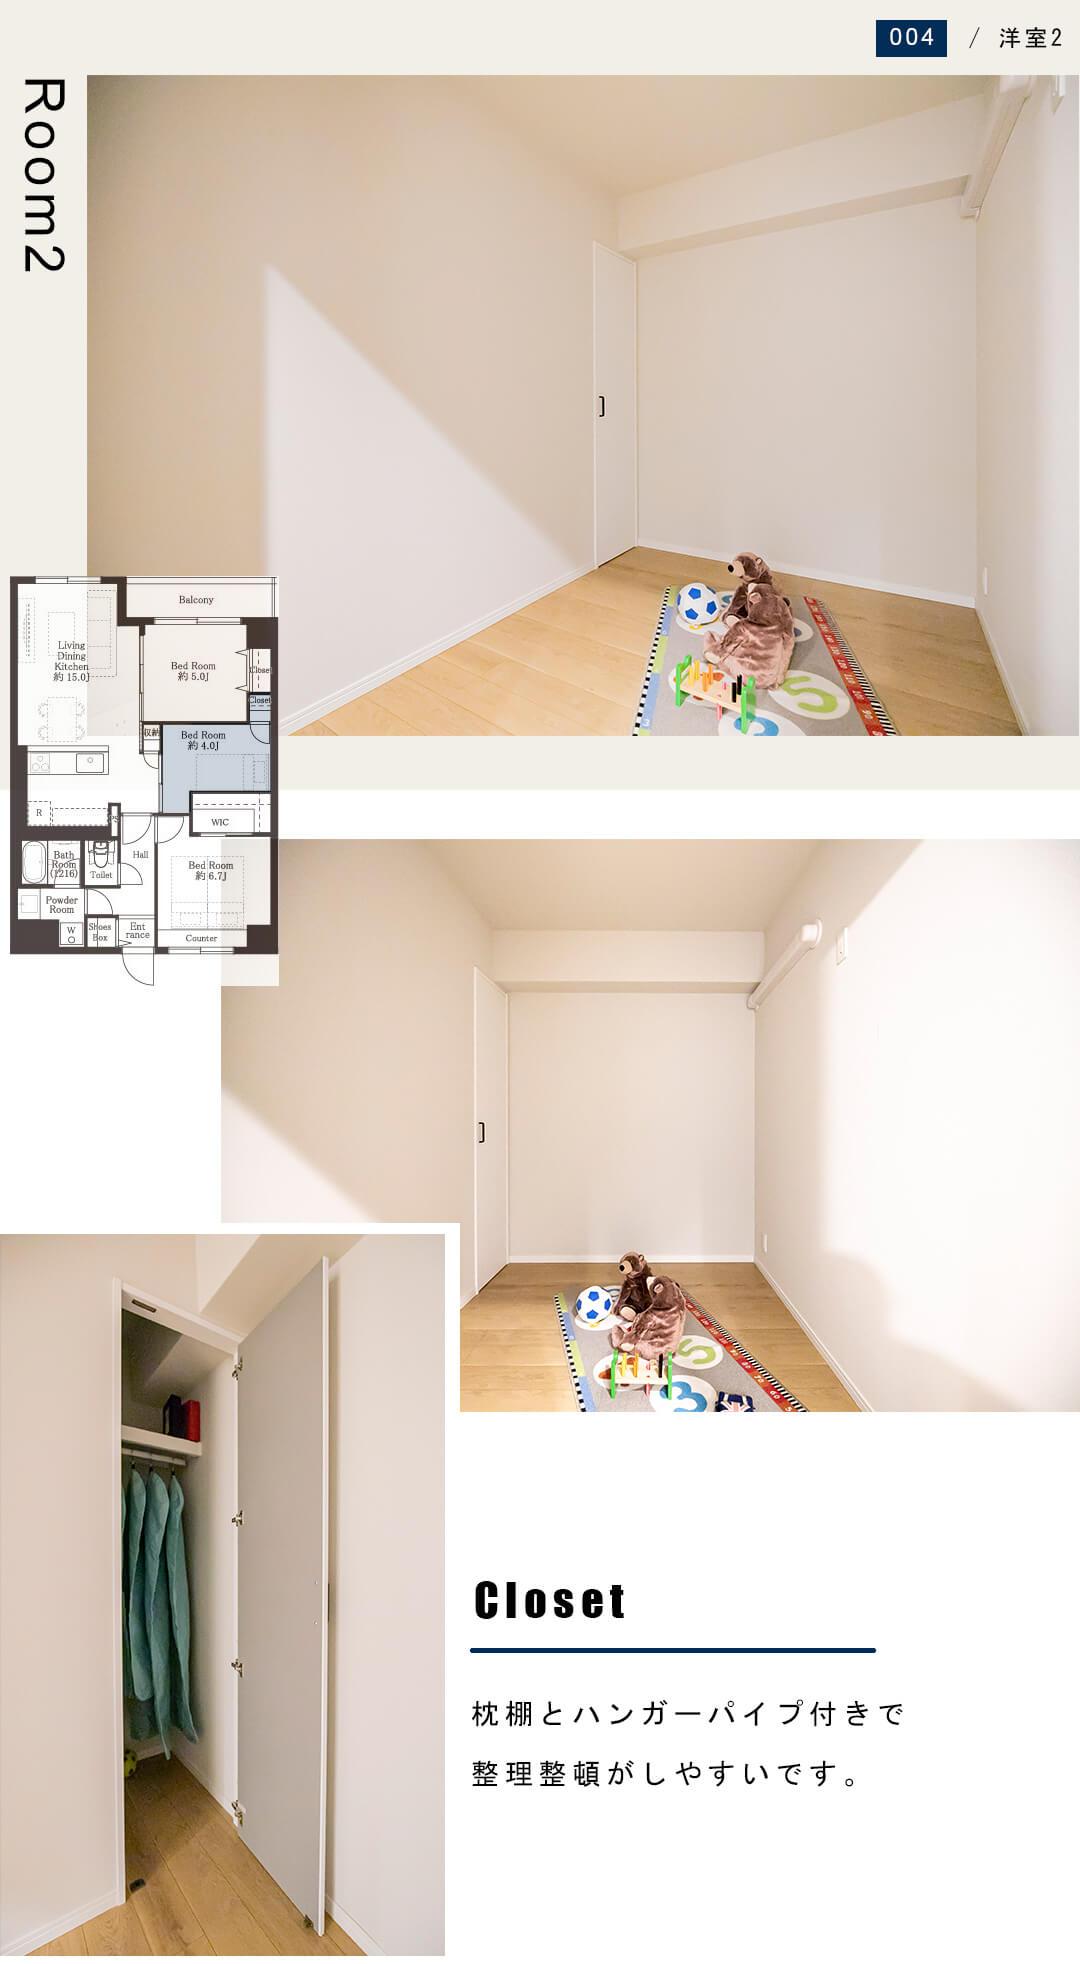 ステラレジデンス高円寺の洋室